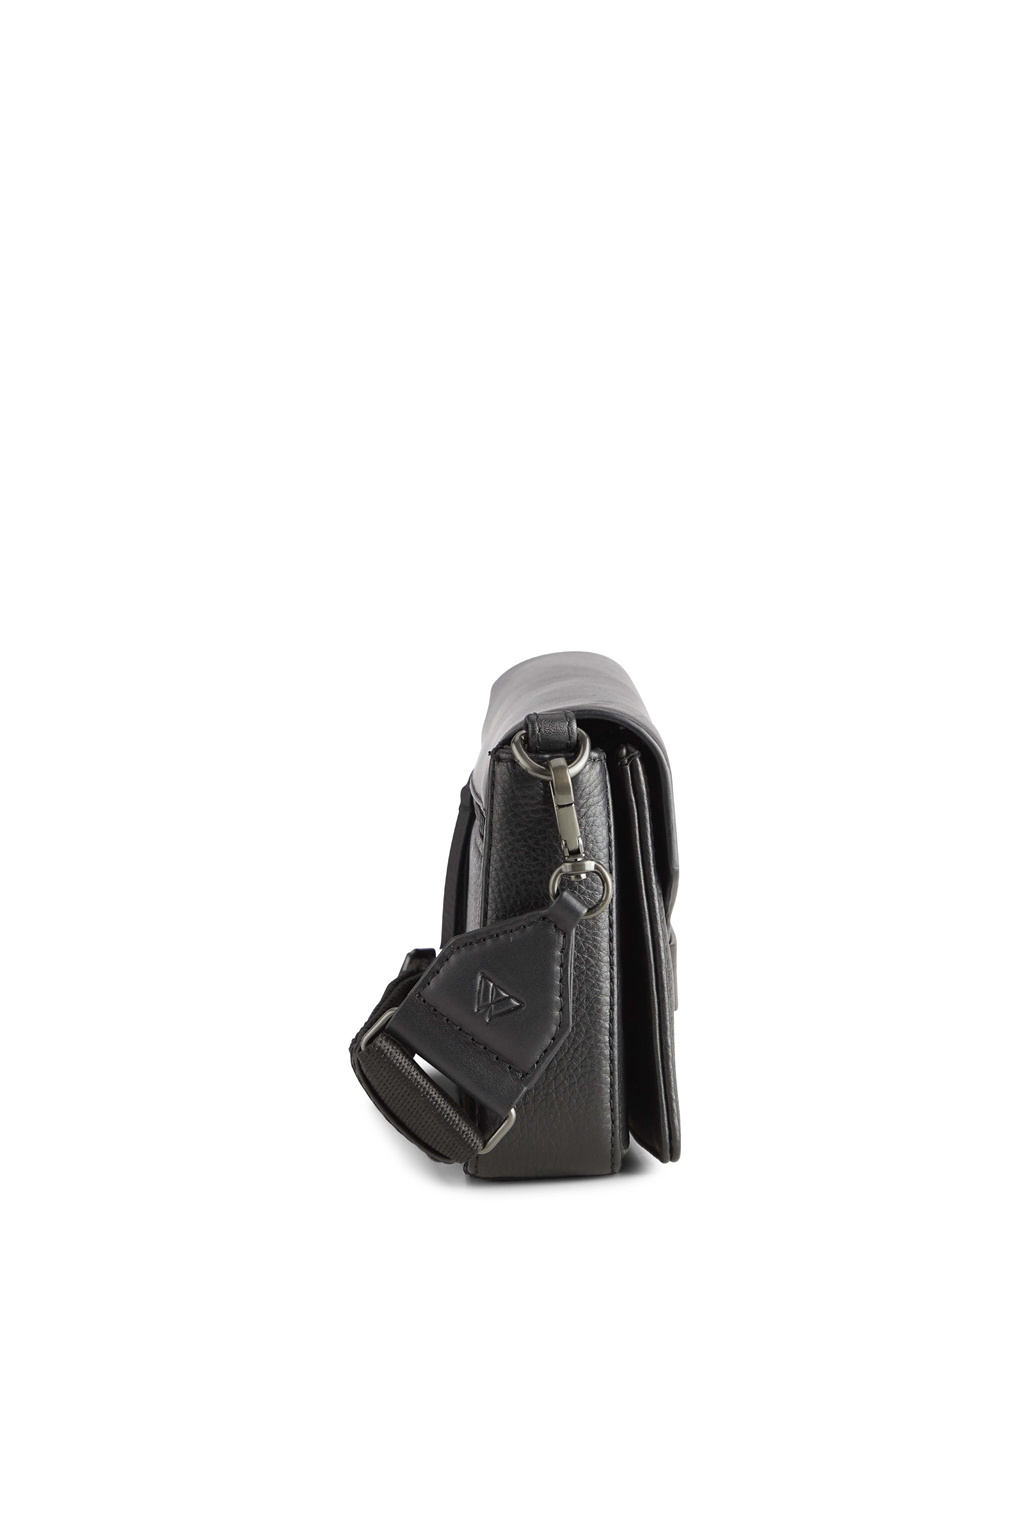 Vanya Guitar Crossbody Bag - Grain Black w/Black-3